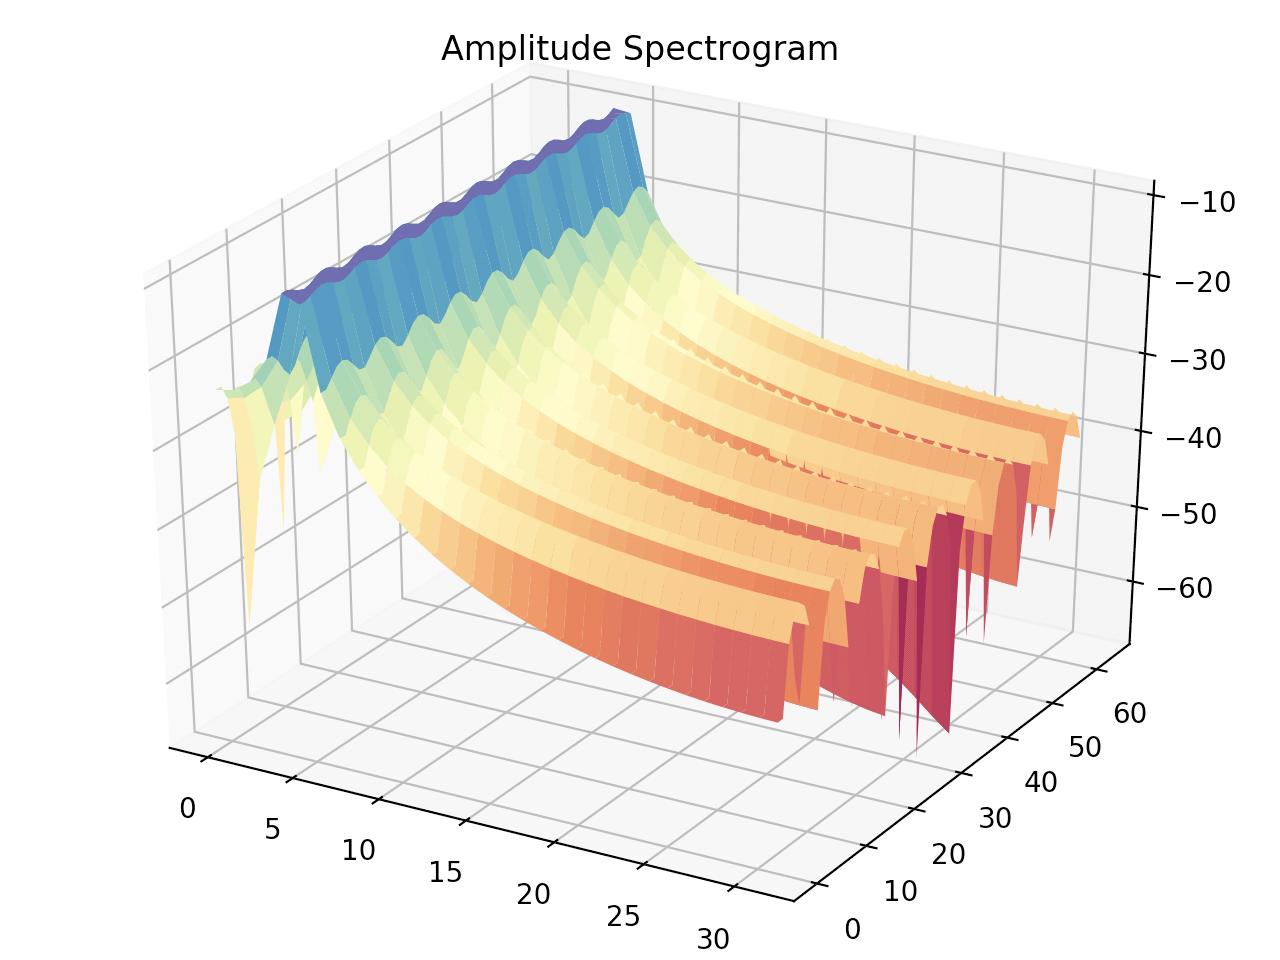 正規化周波数4.5の振幅スペクトログラム